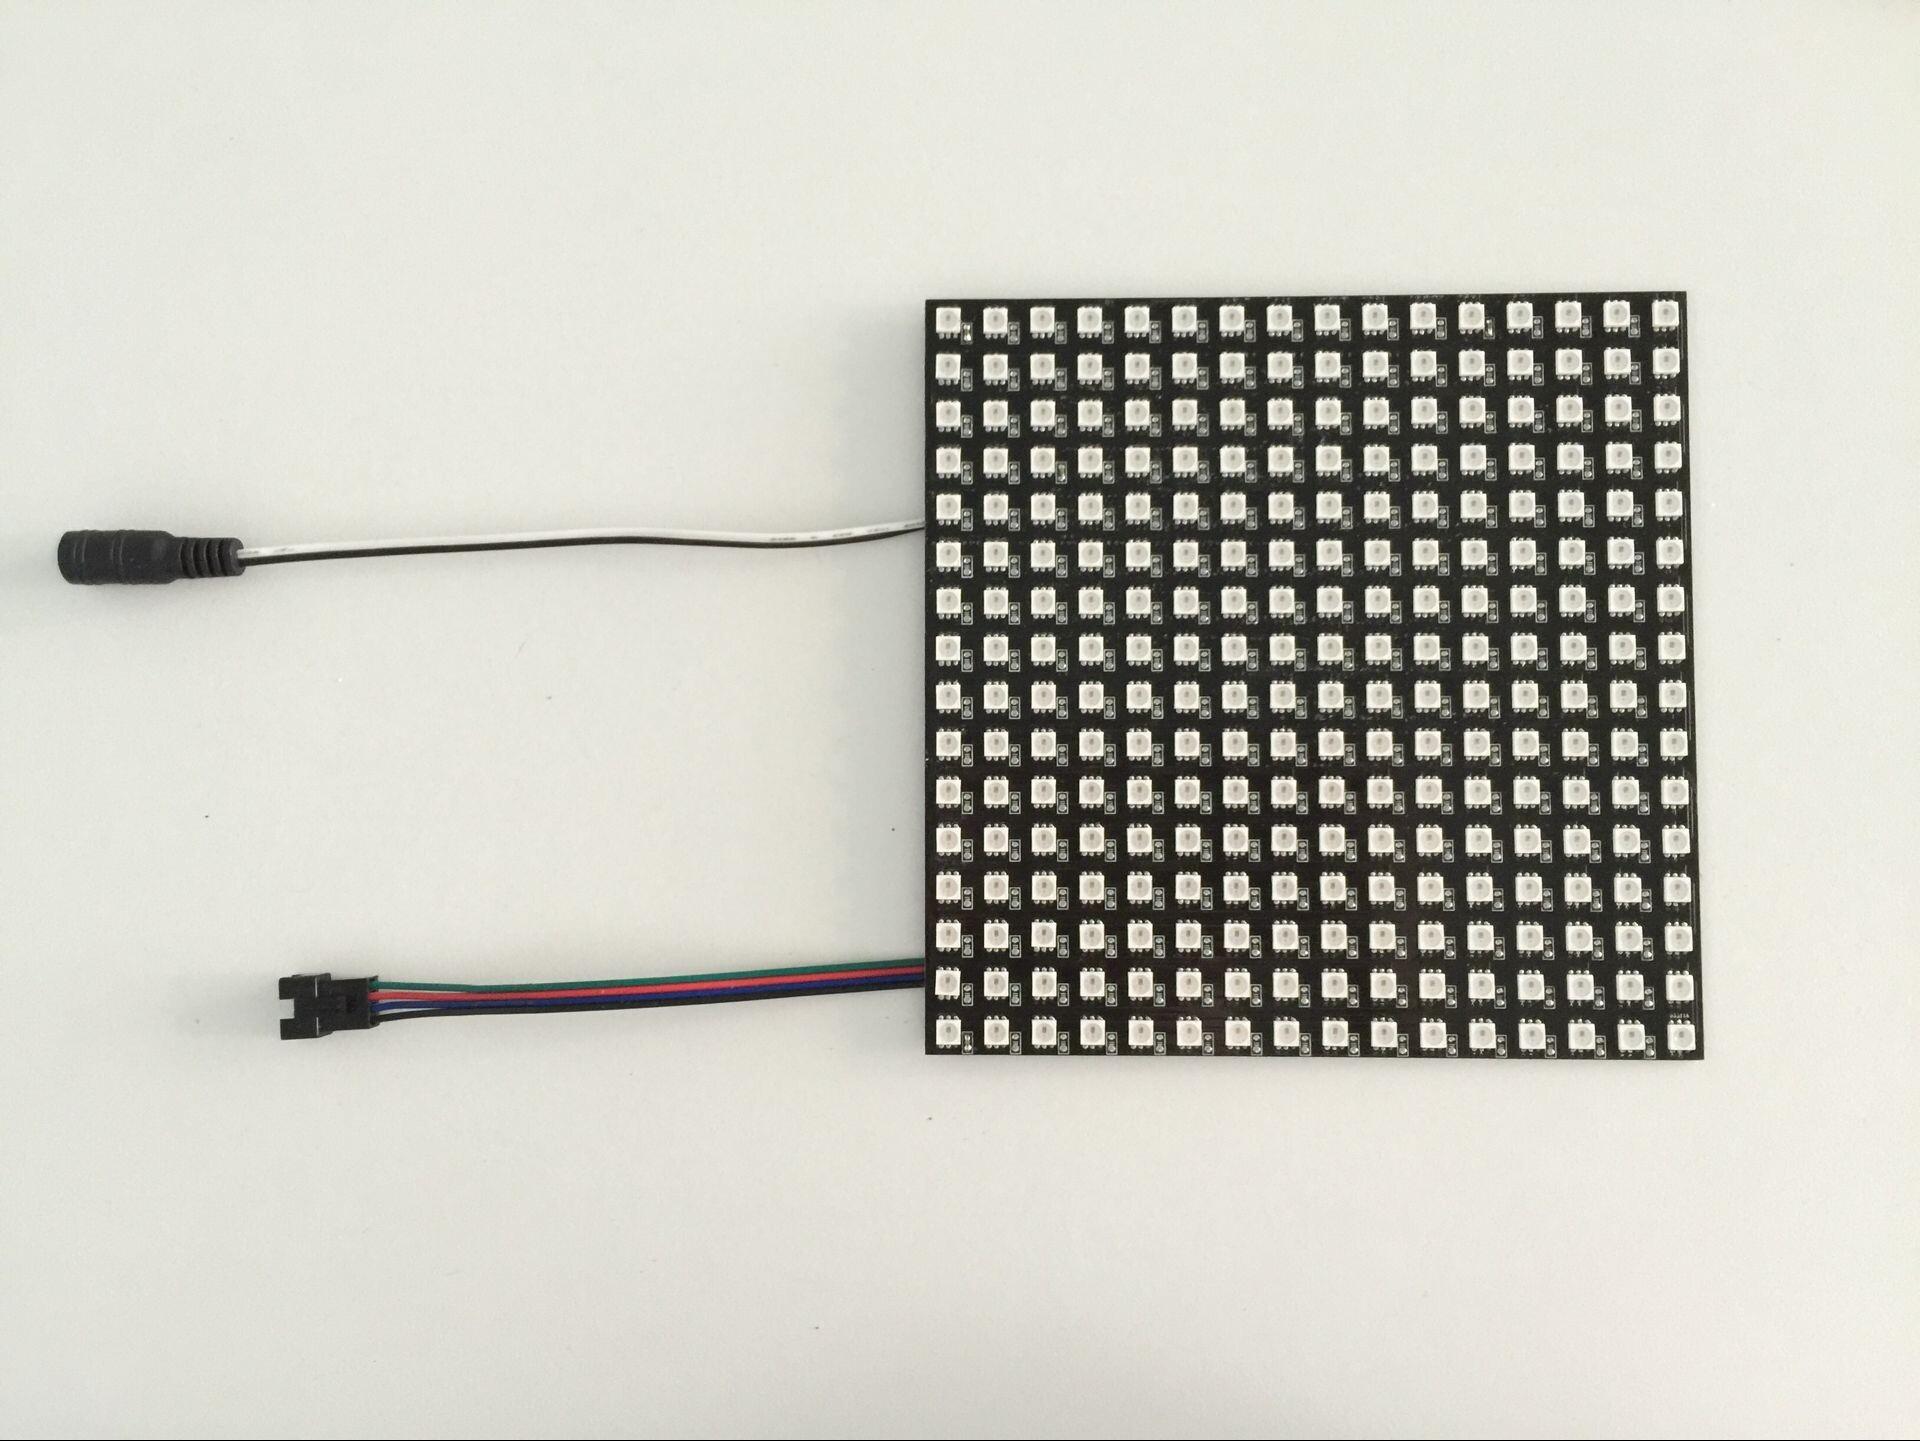 đèn đường 5V 5050 lưới tính dẻo điểm ảnh màn hình tích hợp IC pixel SK6812 lập trình mềm